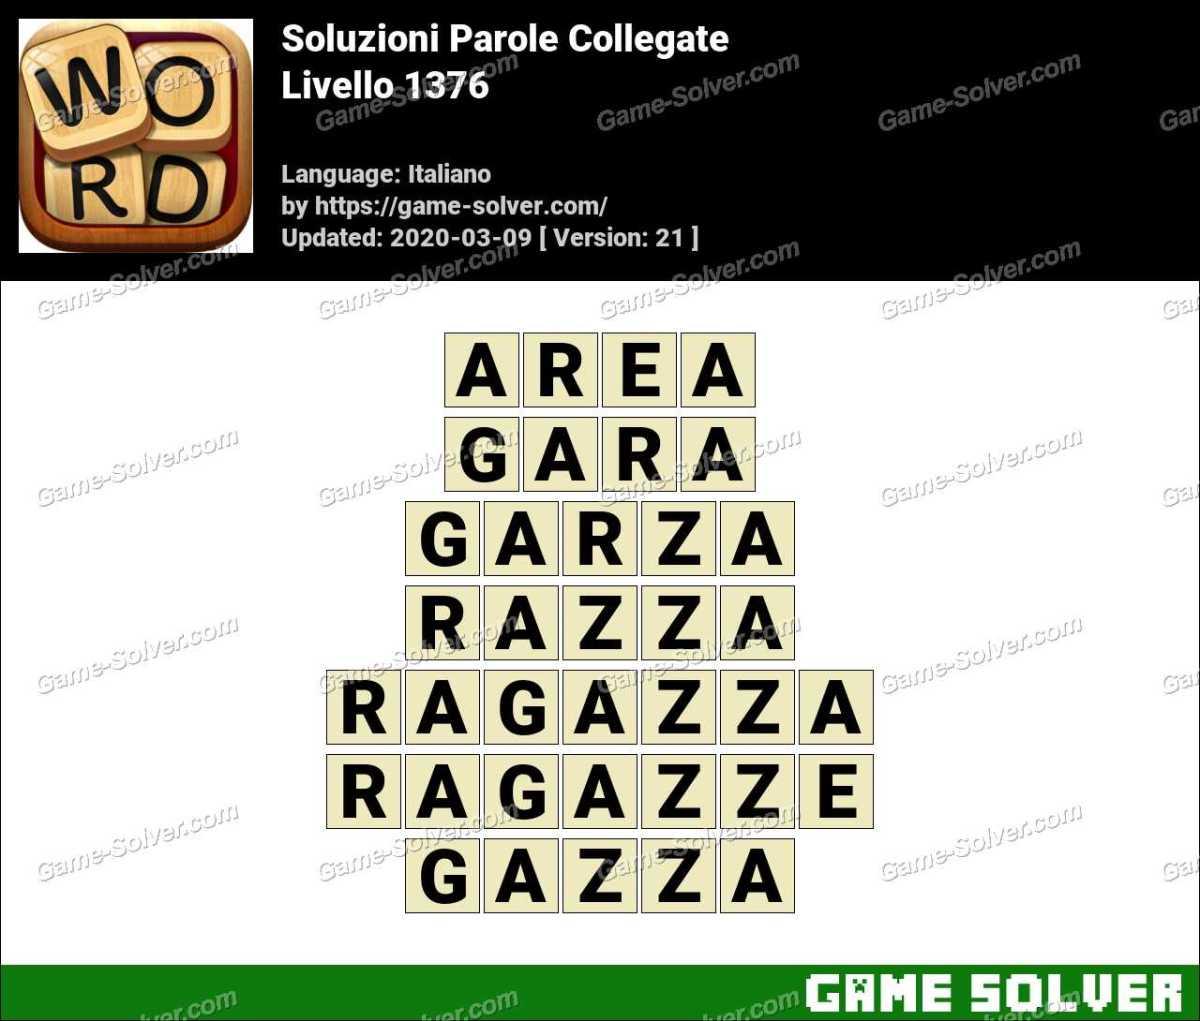 Soluzioni Parole Collegate Livello 1376